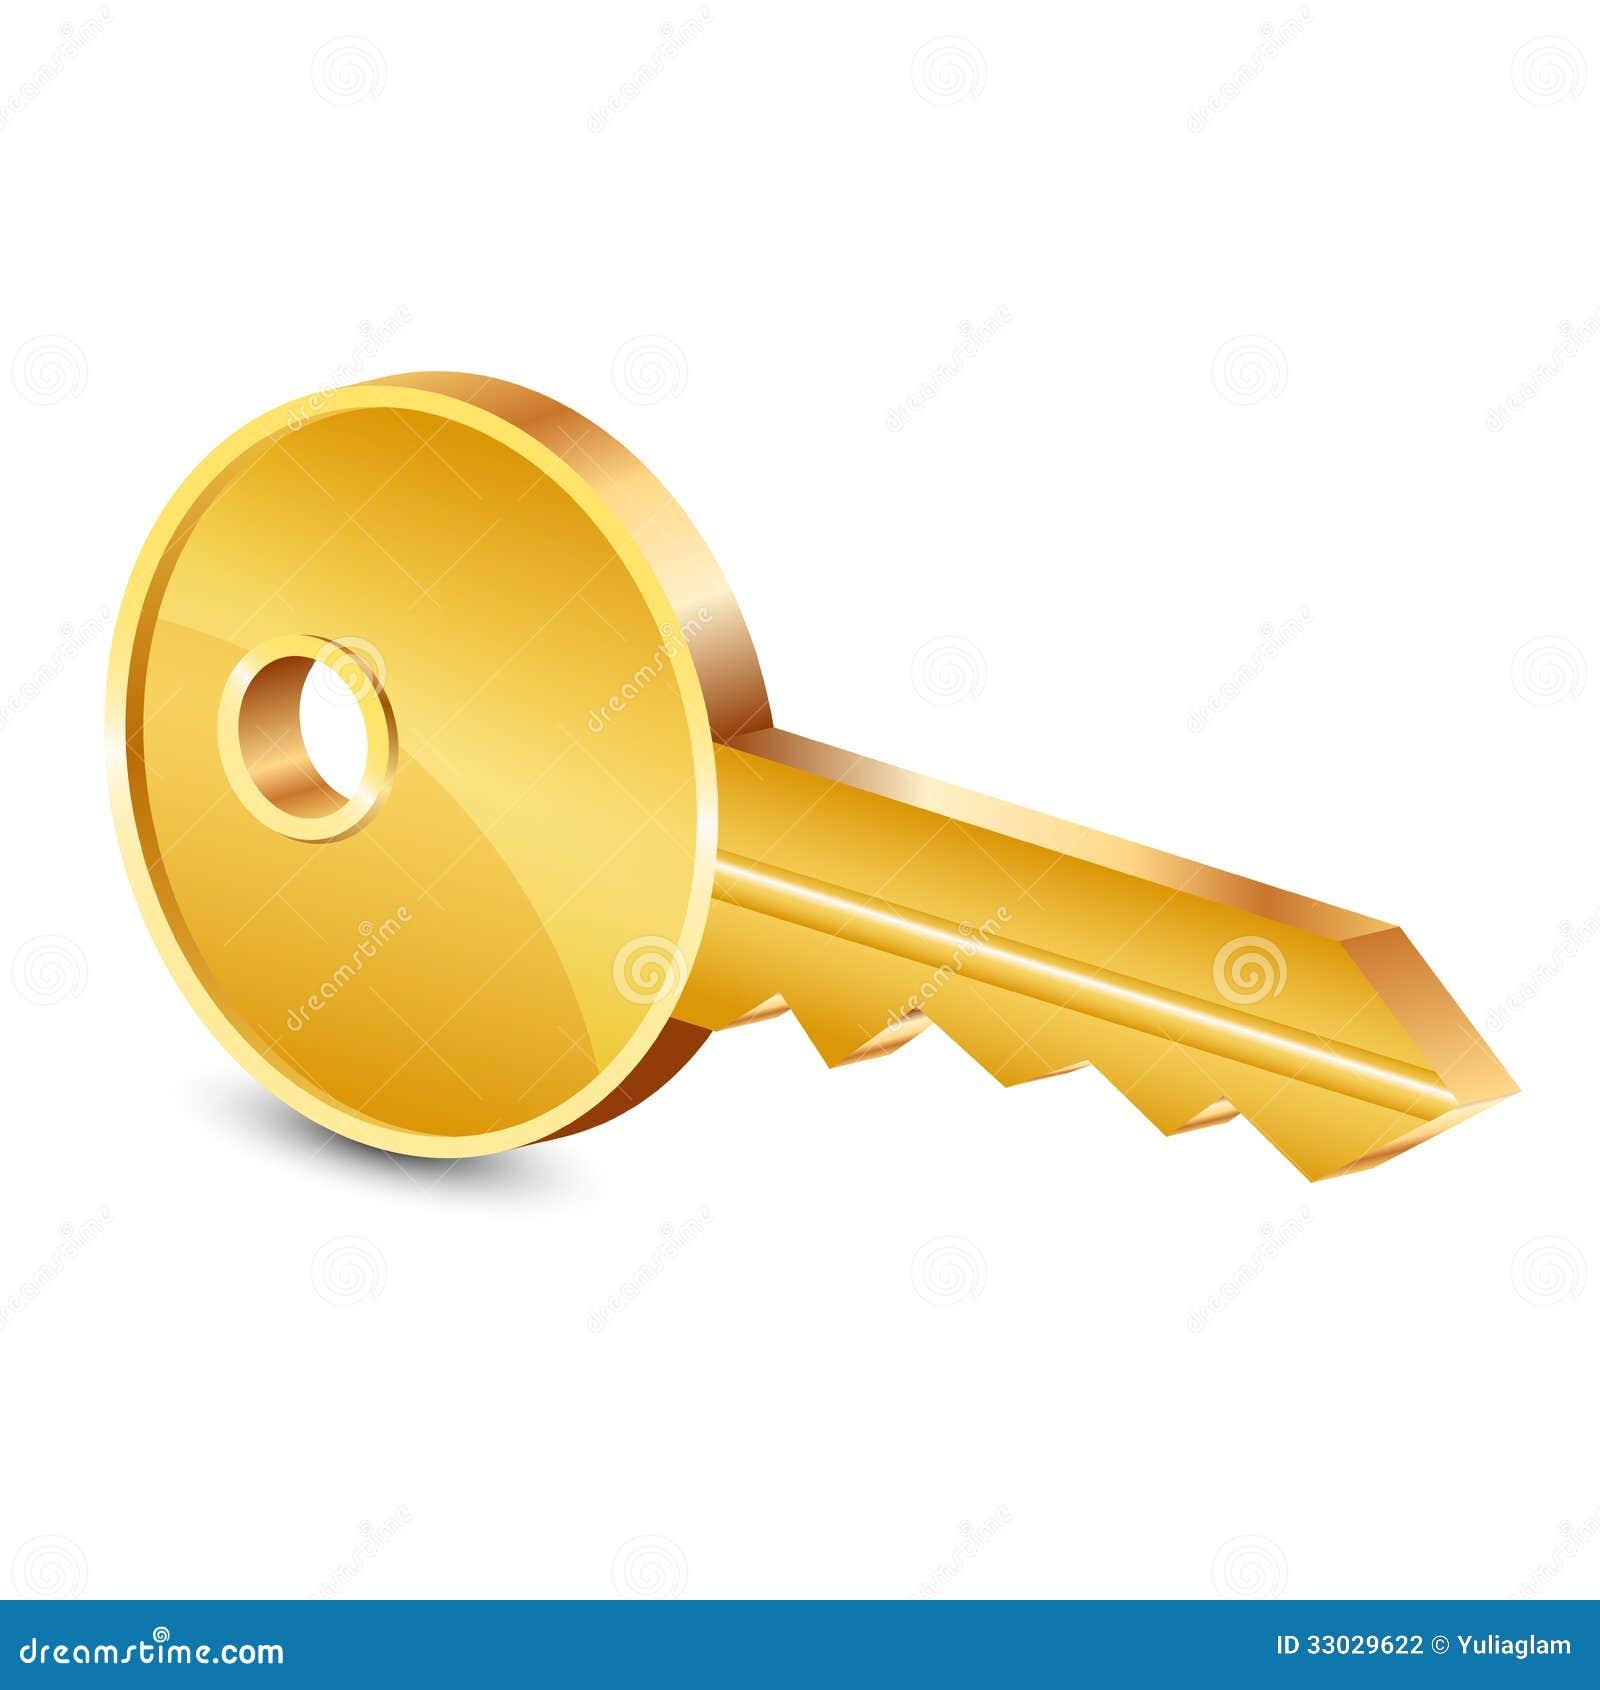 Gold Key Stock Photography Image 33029622